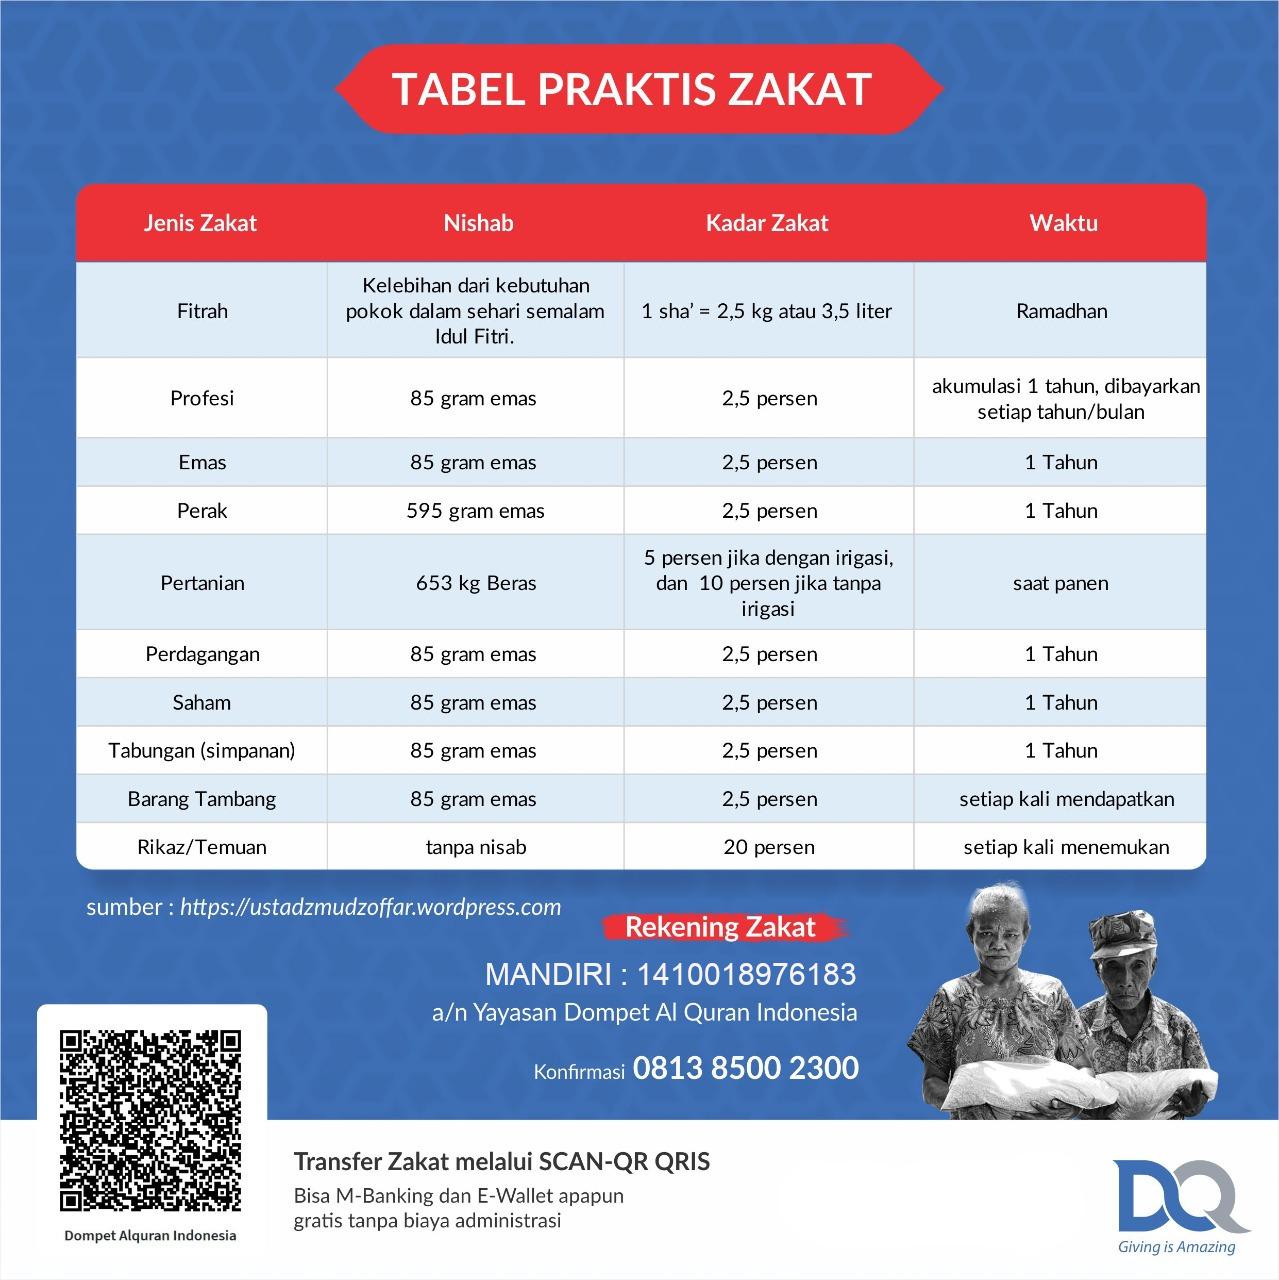 Tabel Zakat DQ-Rek Mandiri